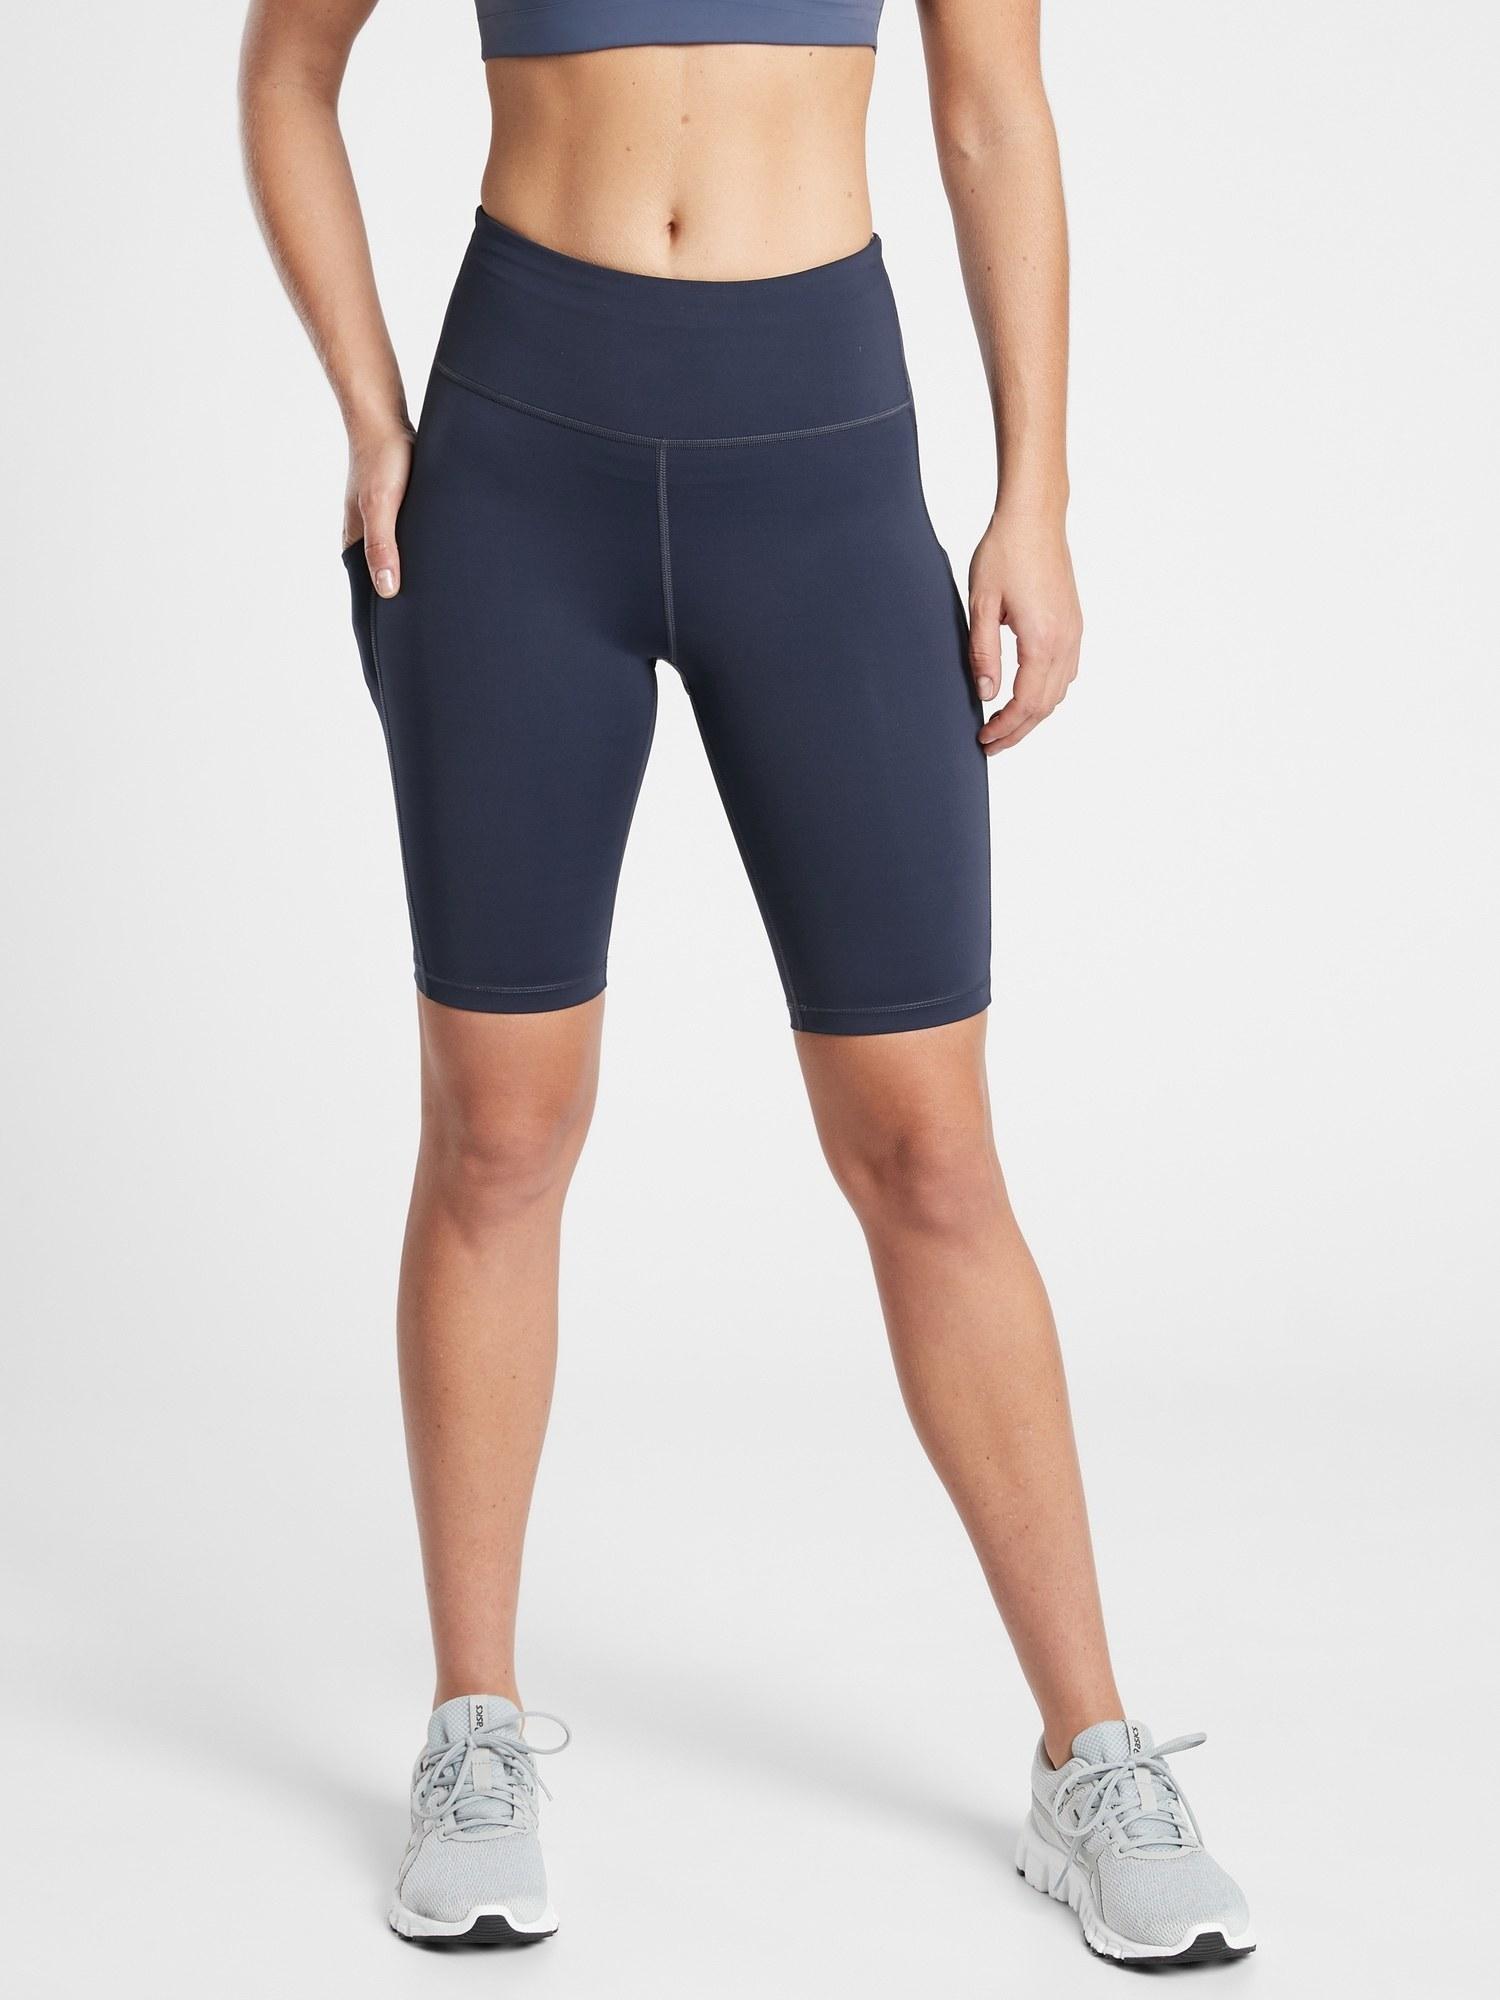 model wearing navy blue bike shorts